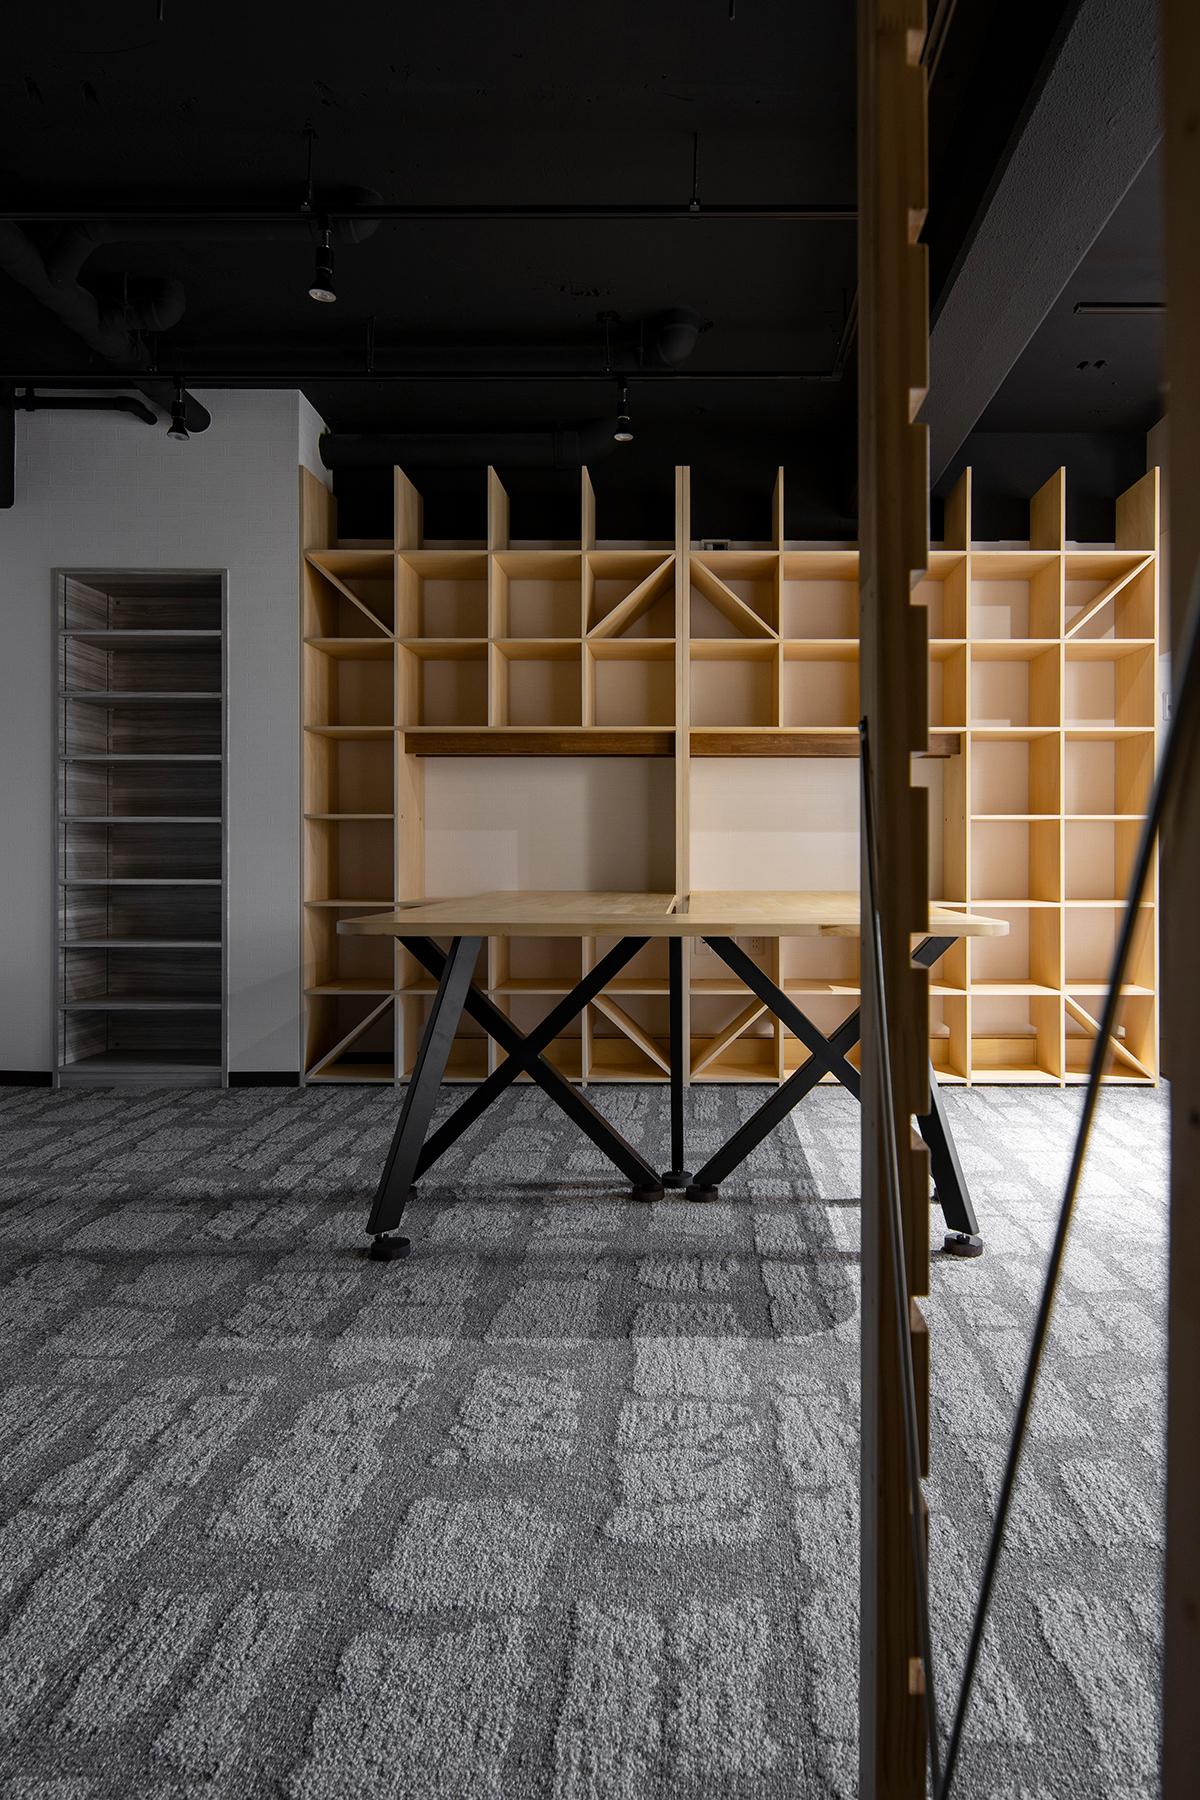 会議室の新しい形   開口部のある本棚 / Shelf (No.15)   マルゲリータ使用例 シンプル おしゃれ 部屋 インテリア レイアウト